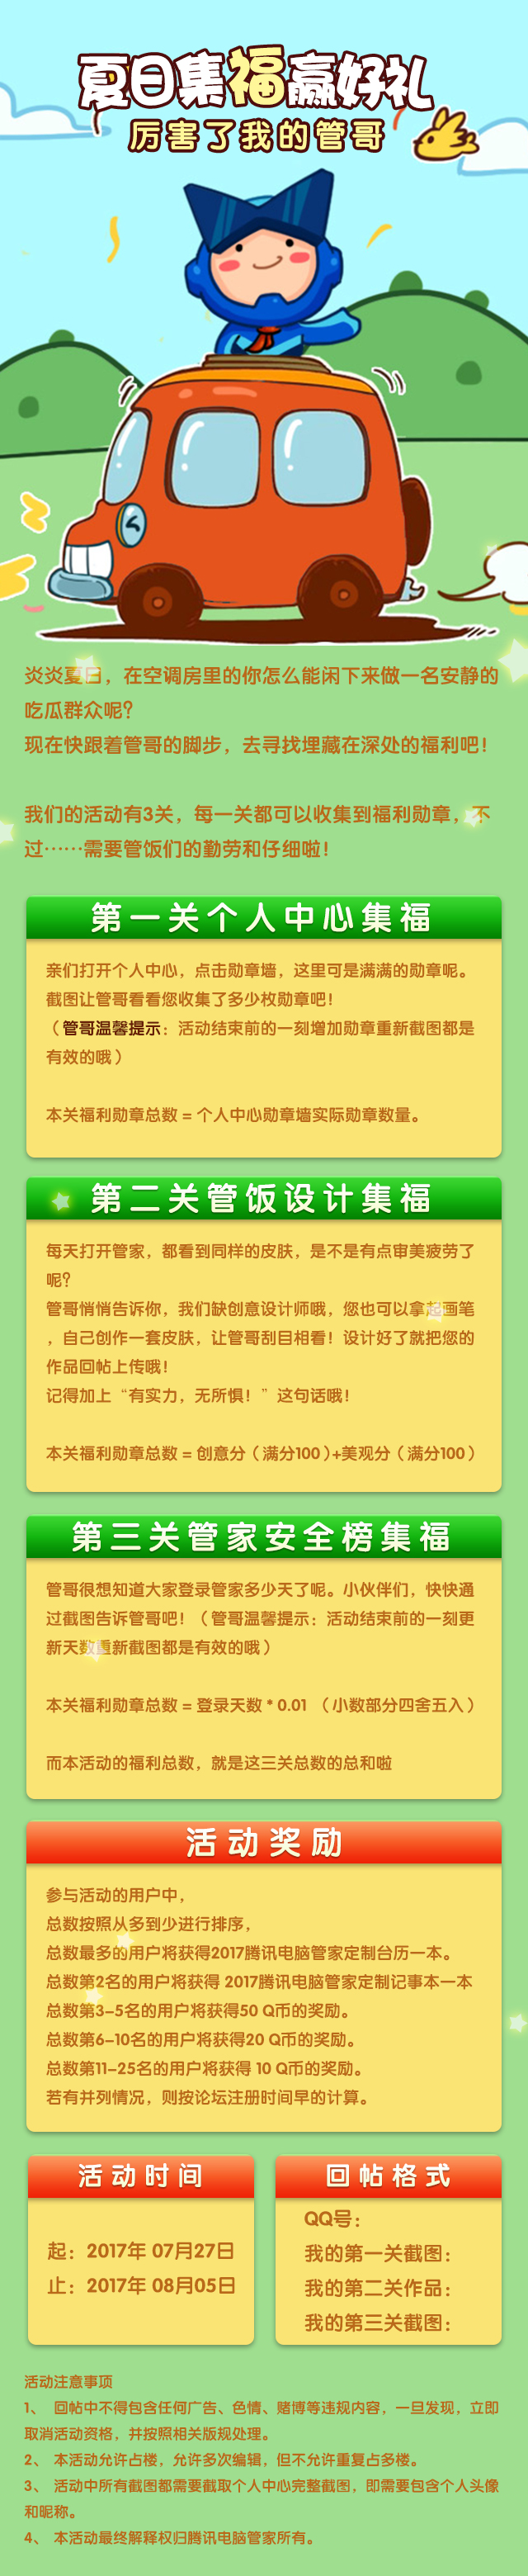 夏日集福赢好礼,厉害了我的管哥(1).jpg